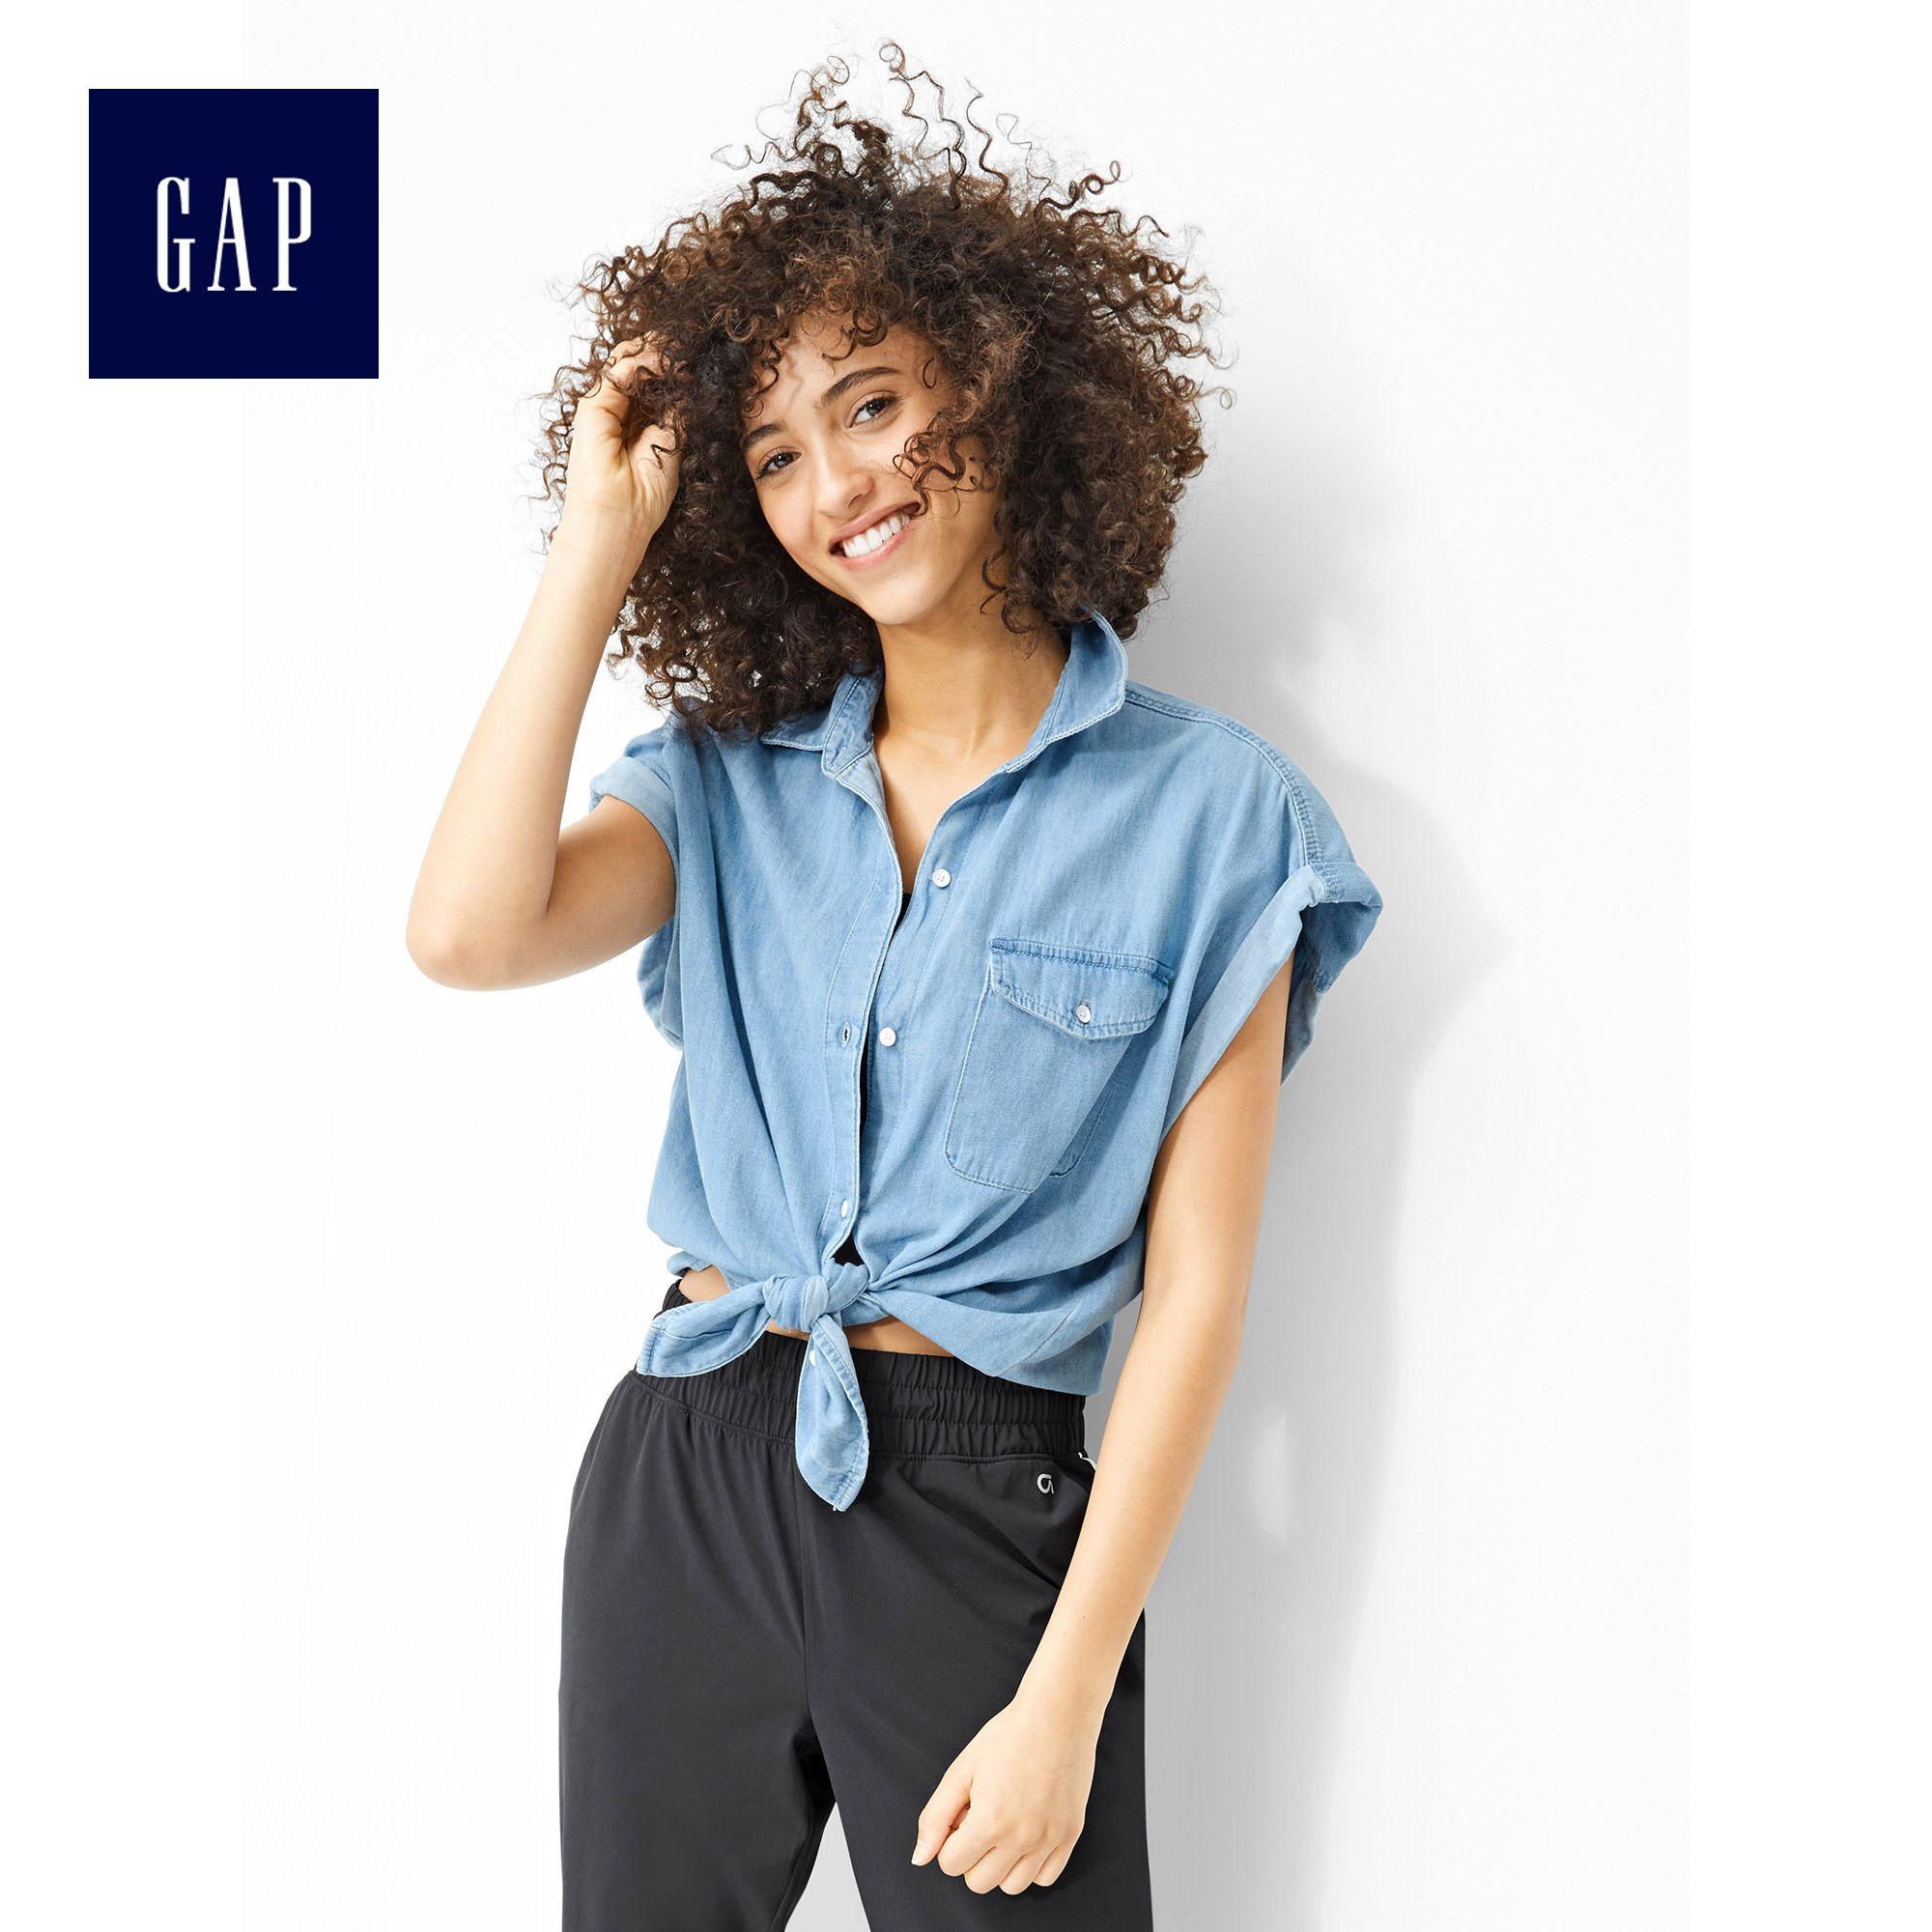 短袖牛仔衬衫 Gap女装 纯棉卷边短袖牛仔衬衫 蝙蝠袖休闲上衣 717188 W_推荐淘宝好看的女短袖牛仔衬衫